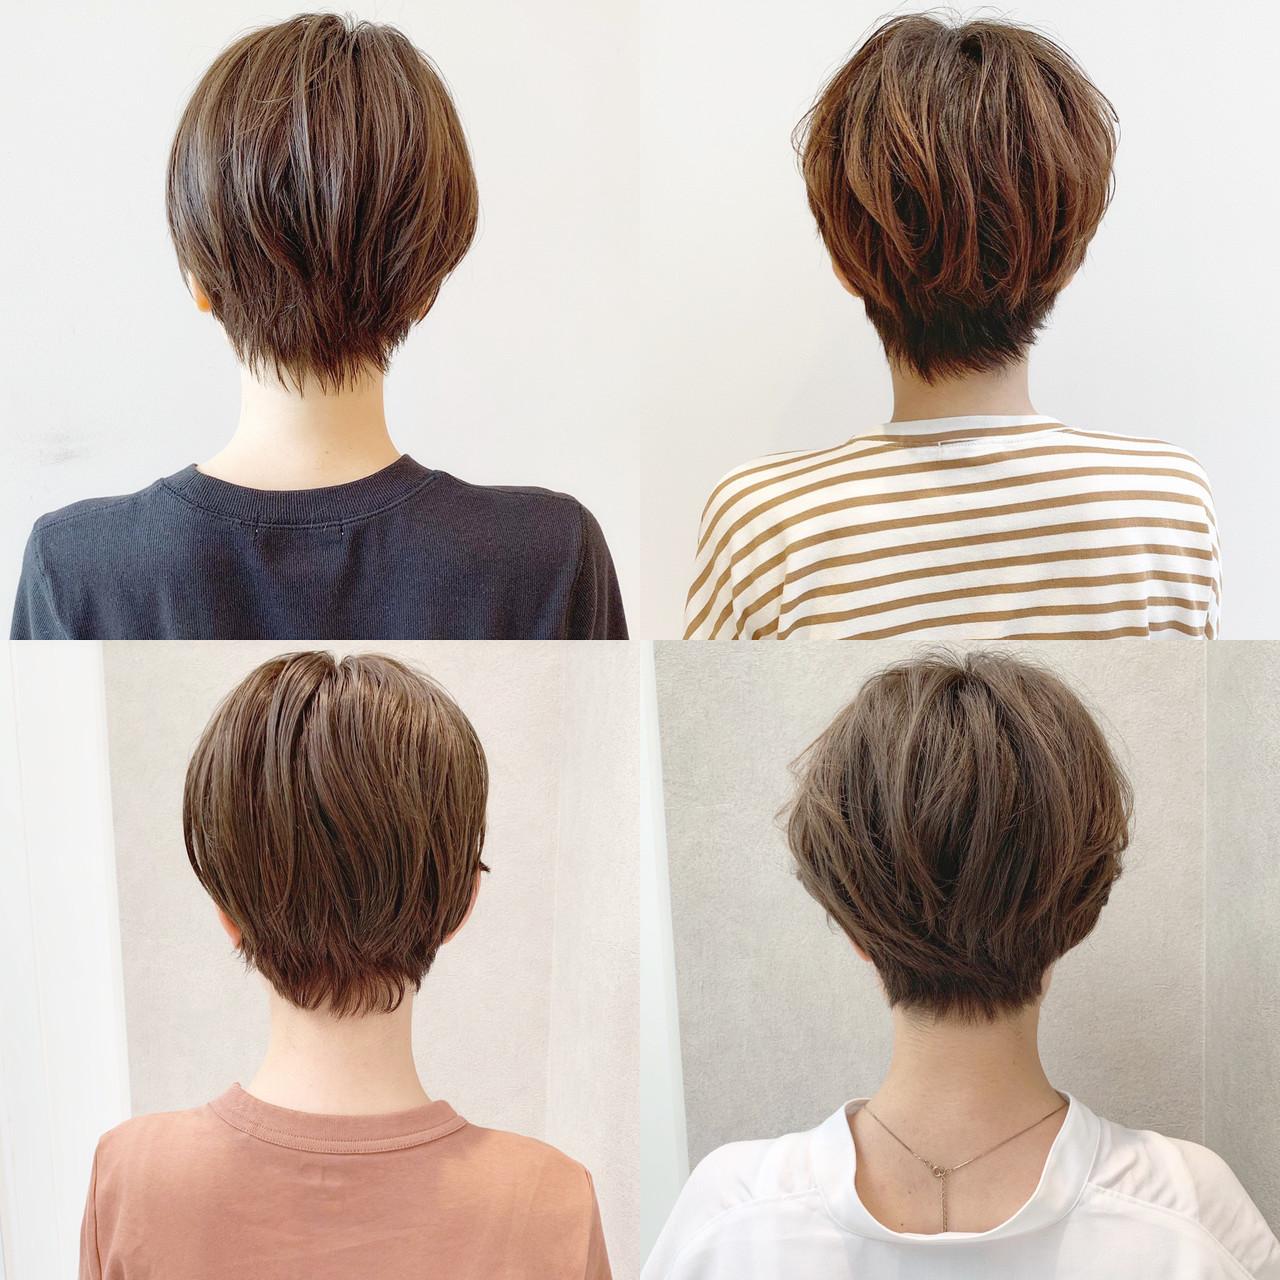 パーマ スポーツ 黒髪 ショート ヘアスタイルや髪型の写真・画像 | ショートヘア美容師 #ナカイヒロキ / 『send by HAIR』